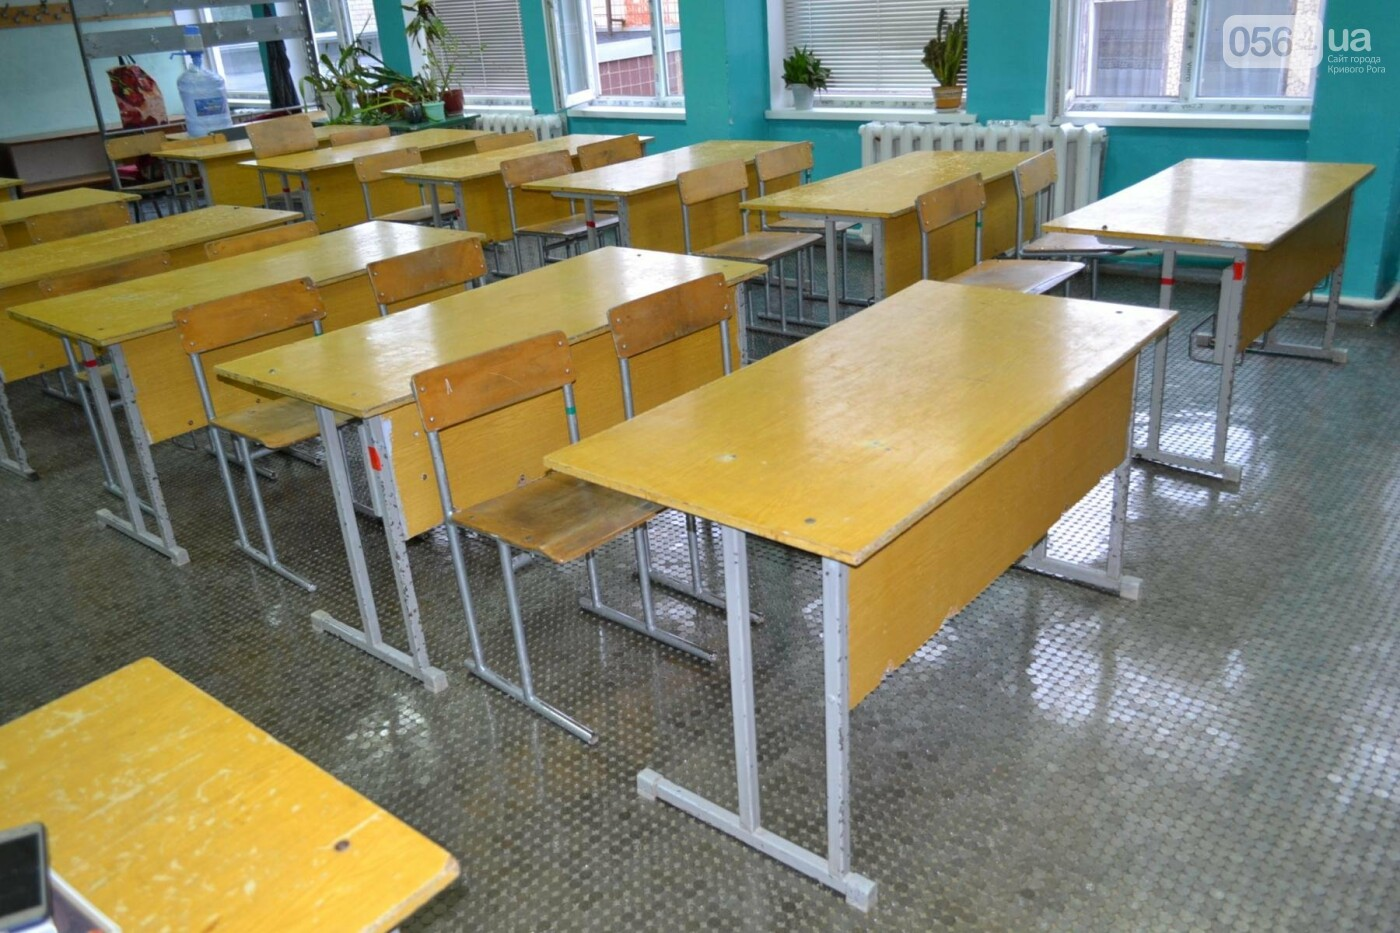 В школе Кривого Рога ремонтируют пол 5-копеечными монетами, - ФОТО, фото-5